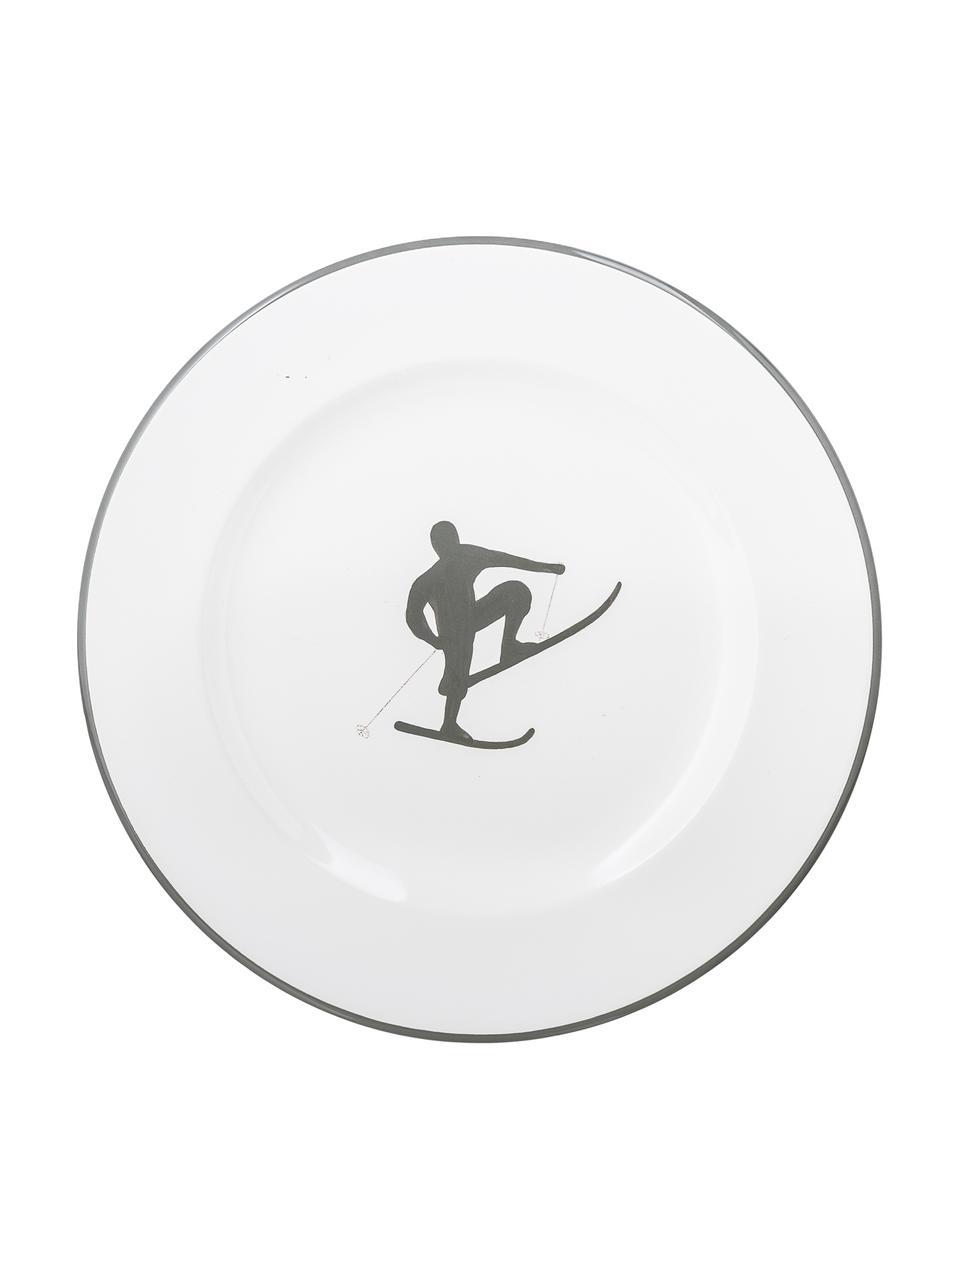 Ontbijtset Toni, 4-delig, Keramiek, Grijs, wit, Set met verschillende formaten